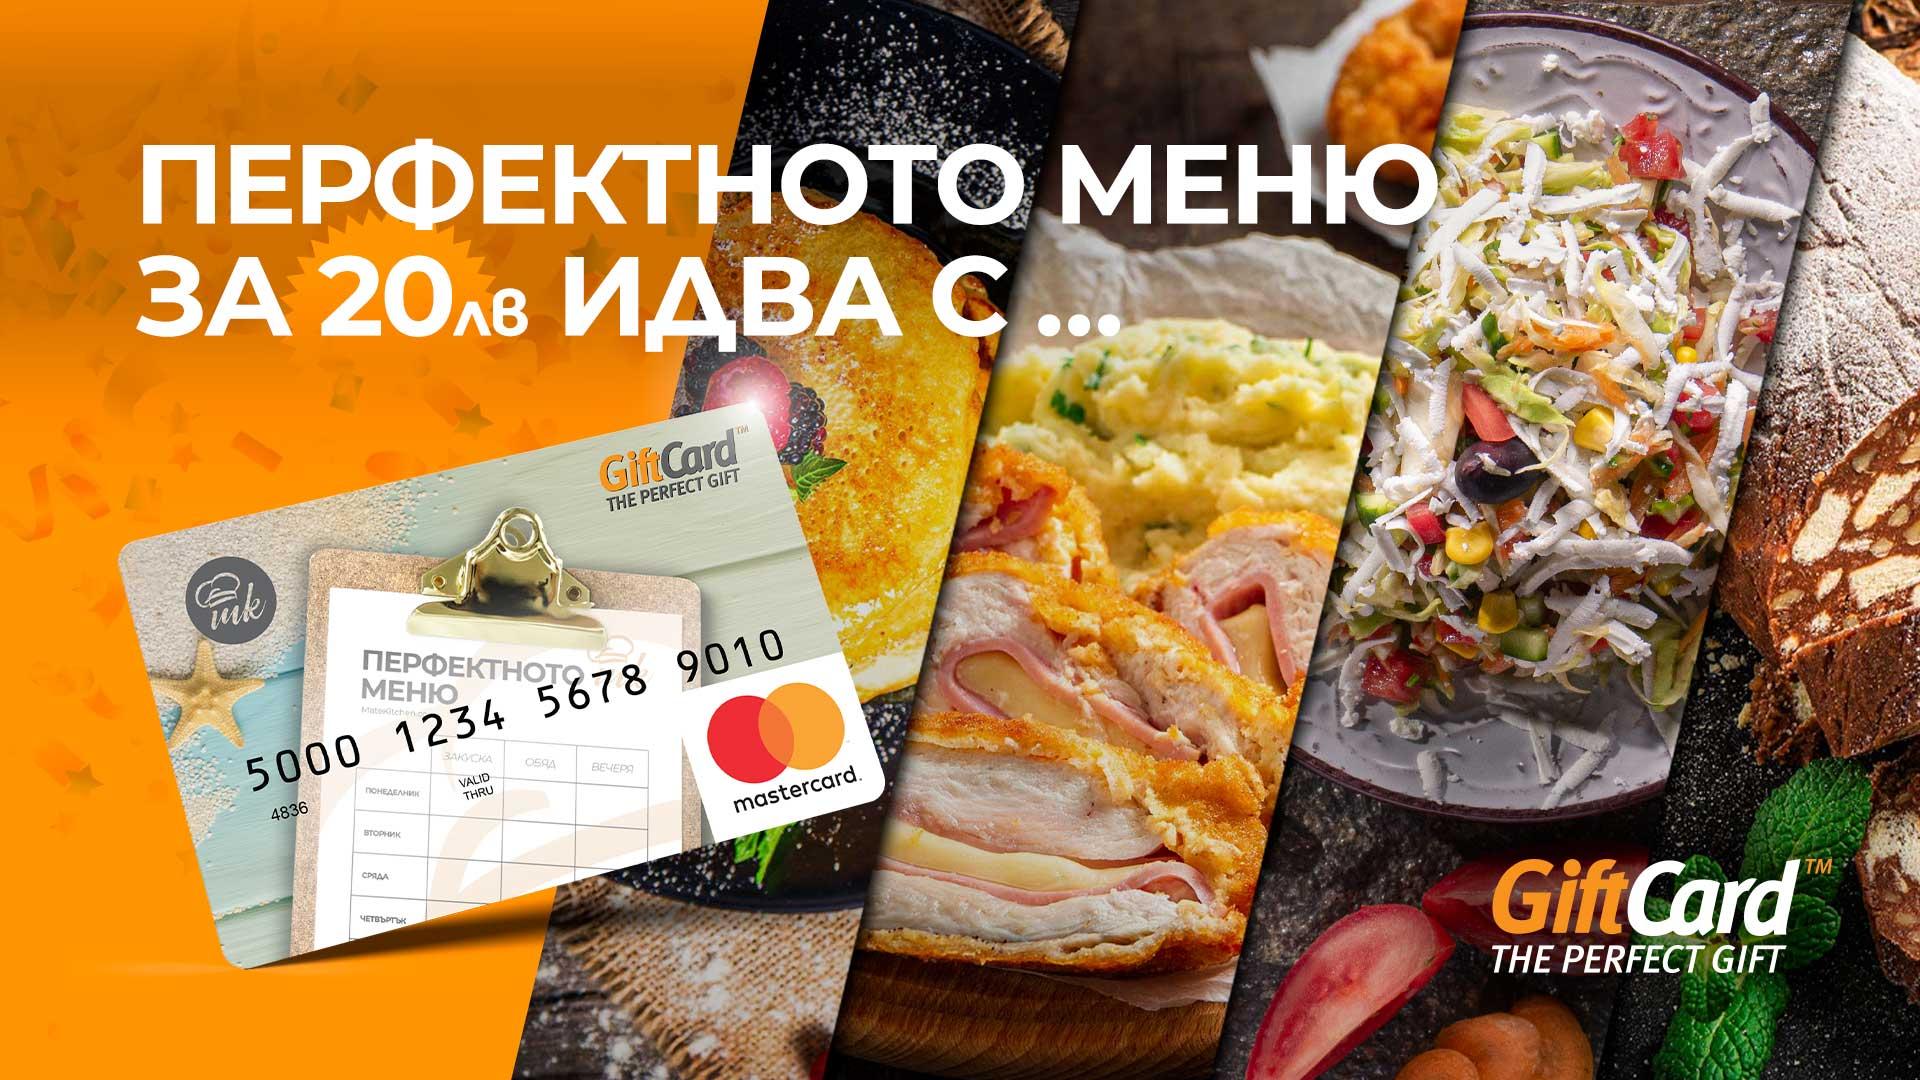 Рекламен банер за игра на GiftCard и Mate Kitchen